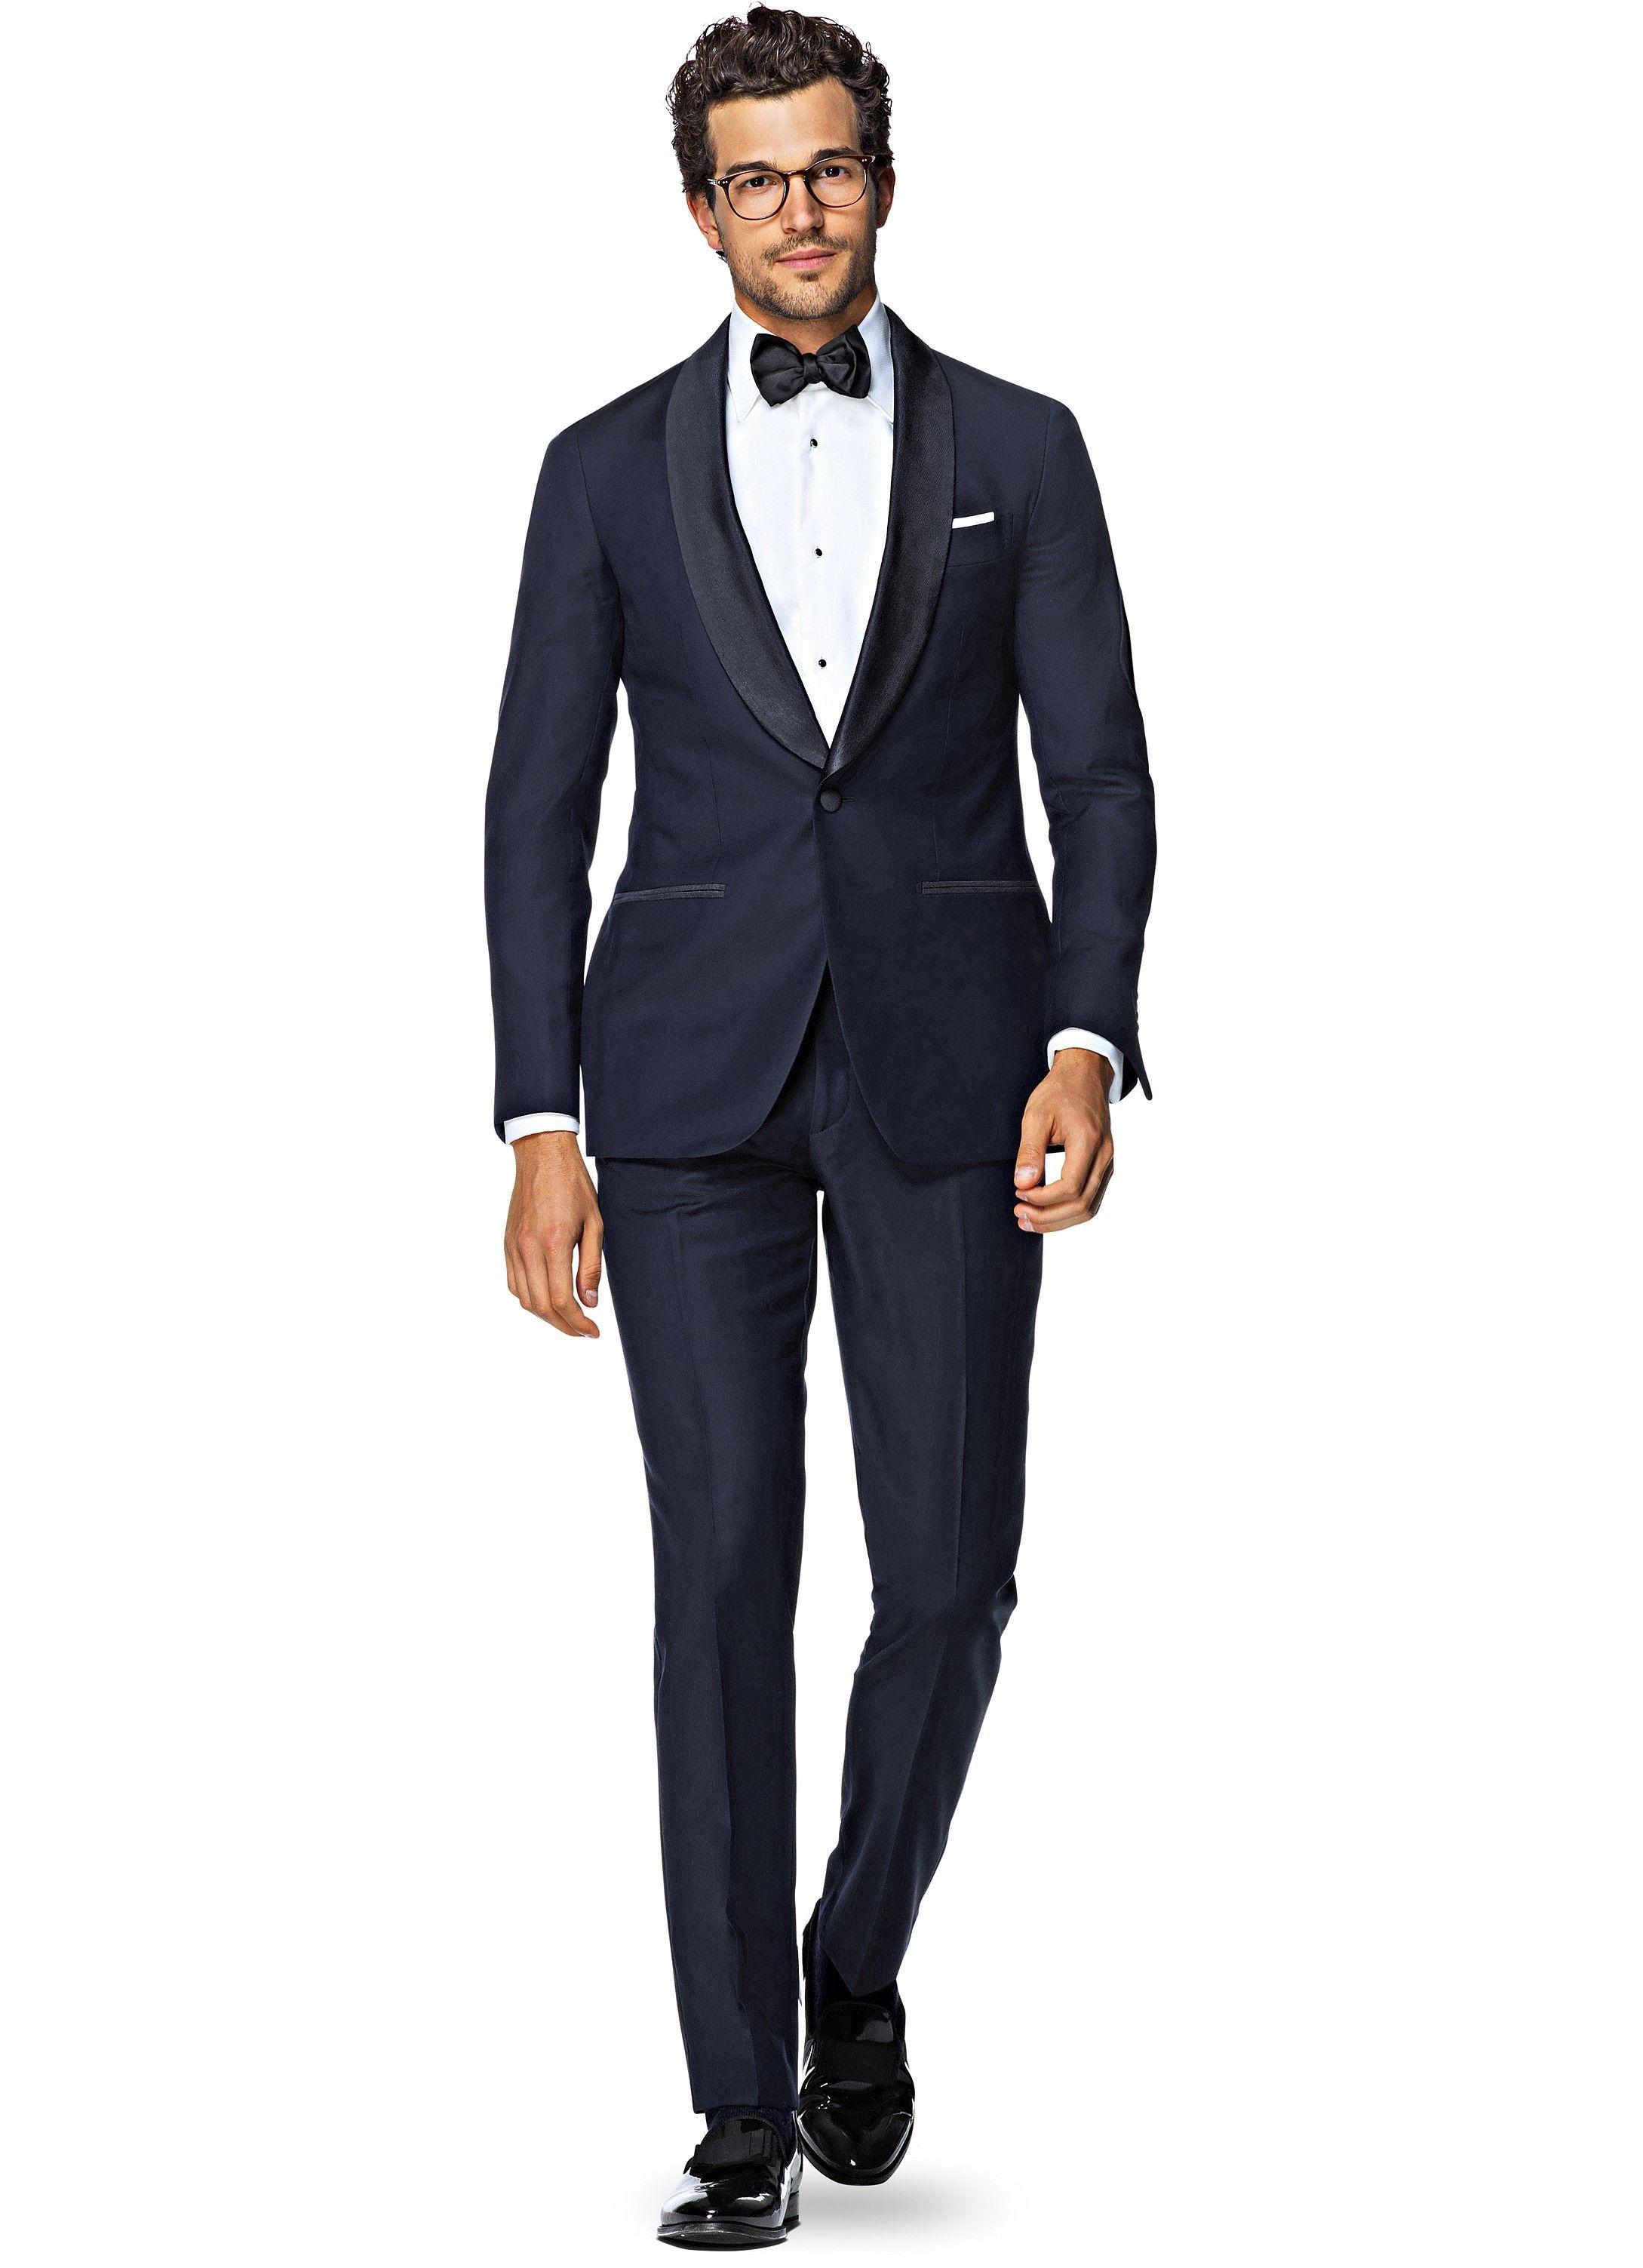 blue-suit-black-shoes-bow-tie.jpg (2178×3006) | MILAN KROUZIL ...